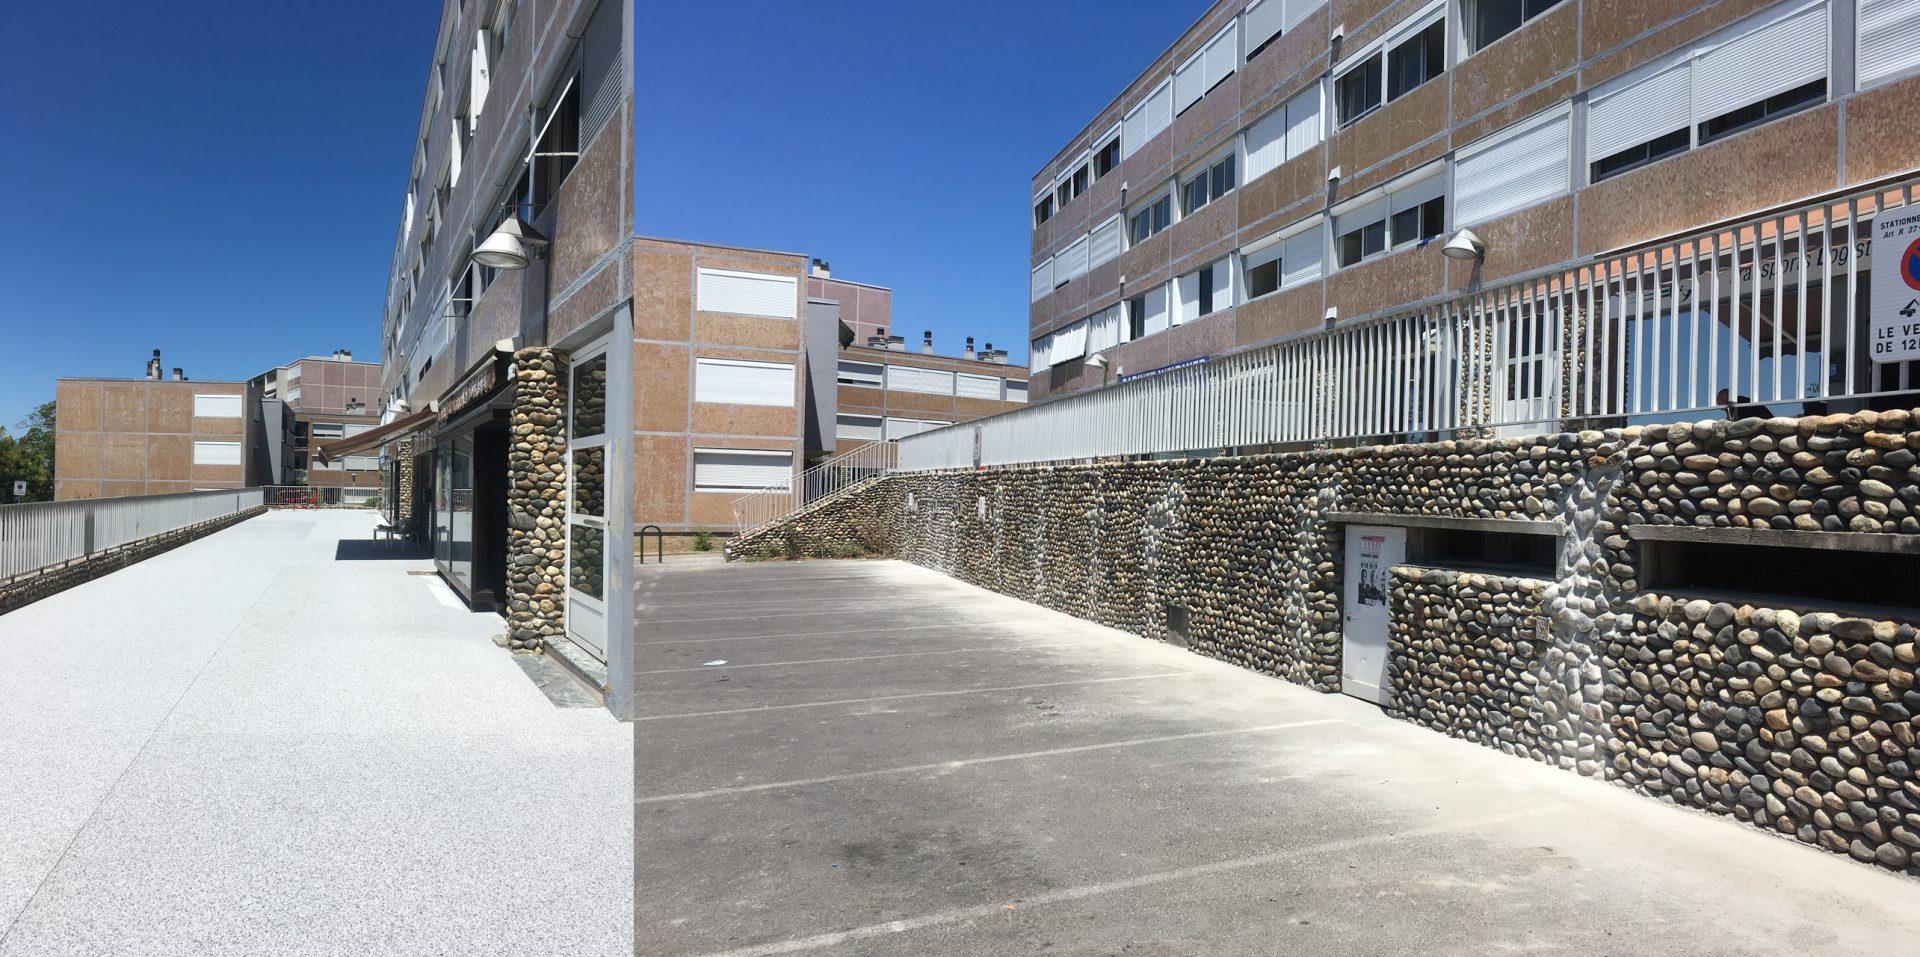 Refextion du Parvis du centre commercial - Résidence du Chateau d'Ancely 2